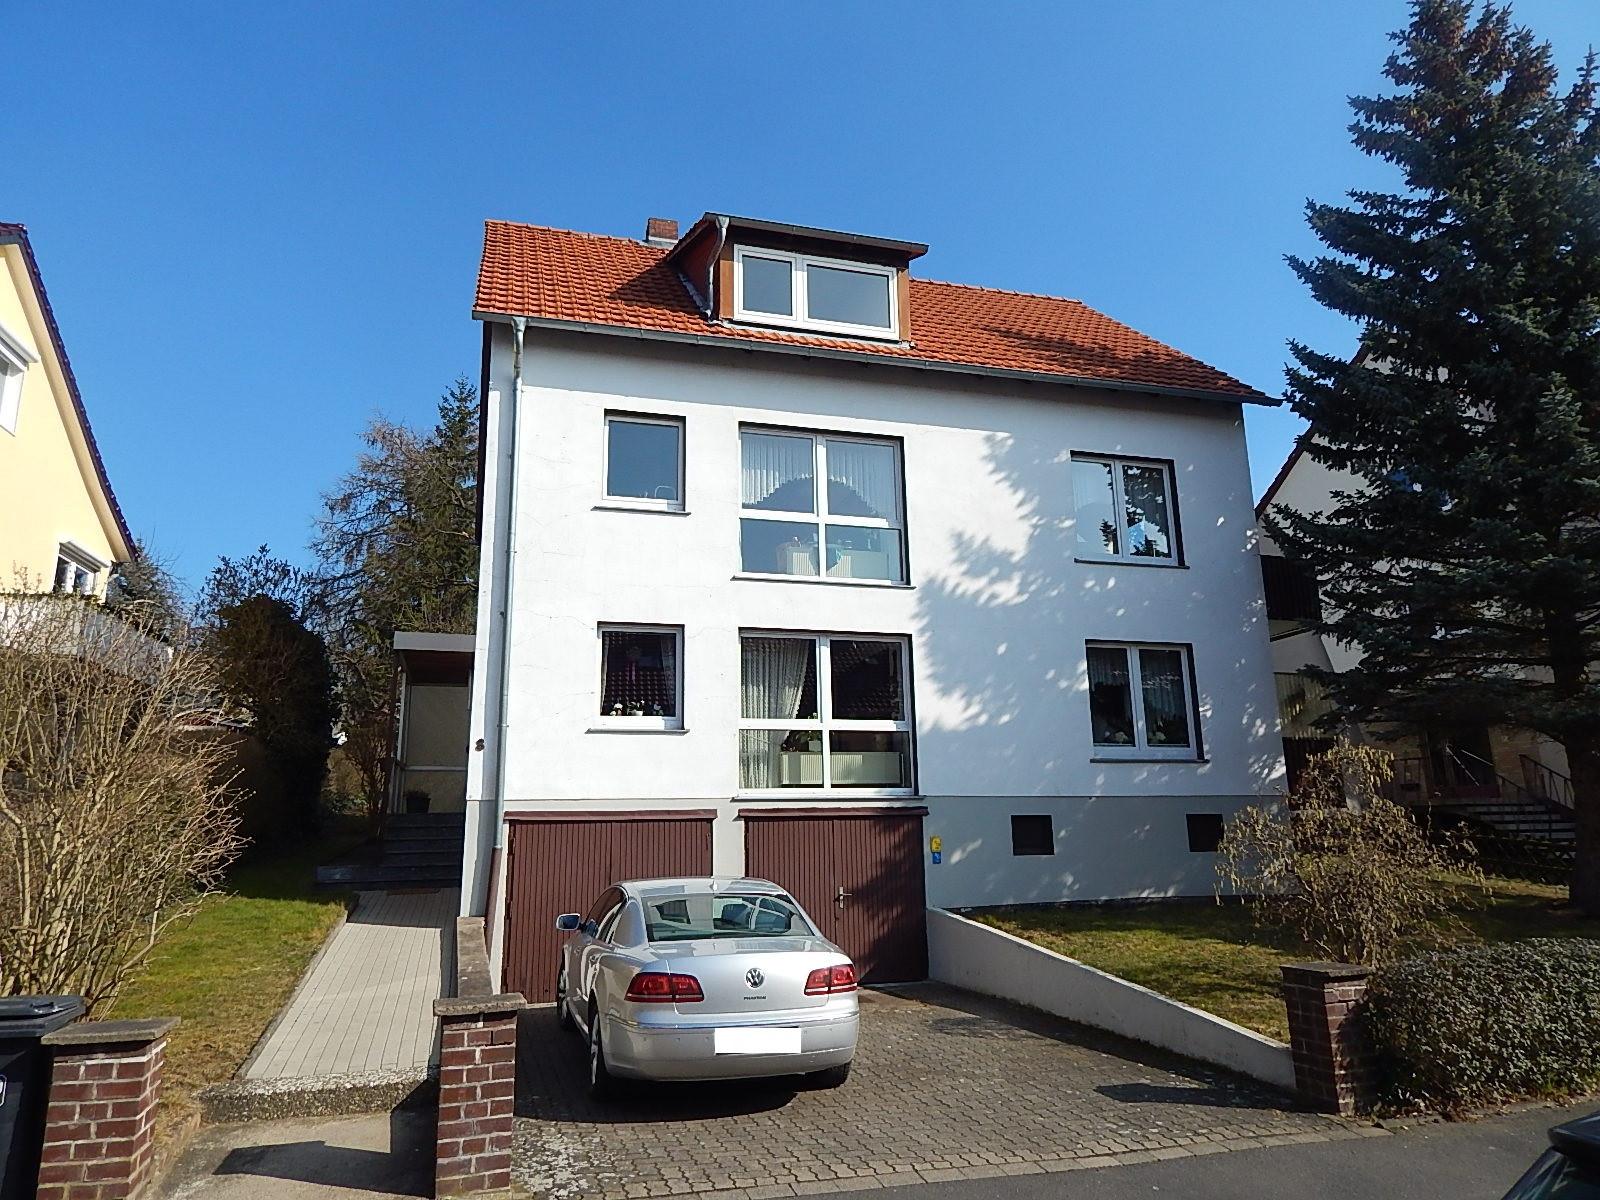 Wohnung Göttingen  Gemütliche Wohnung in Göttingen Thomas Hoffmann